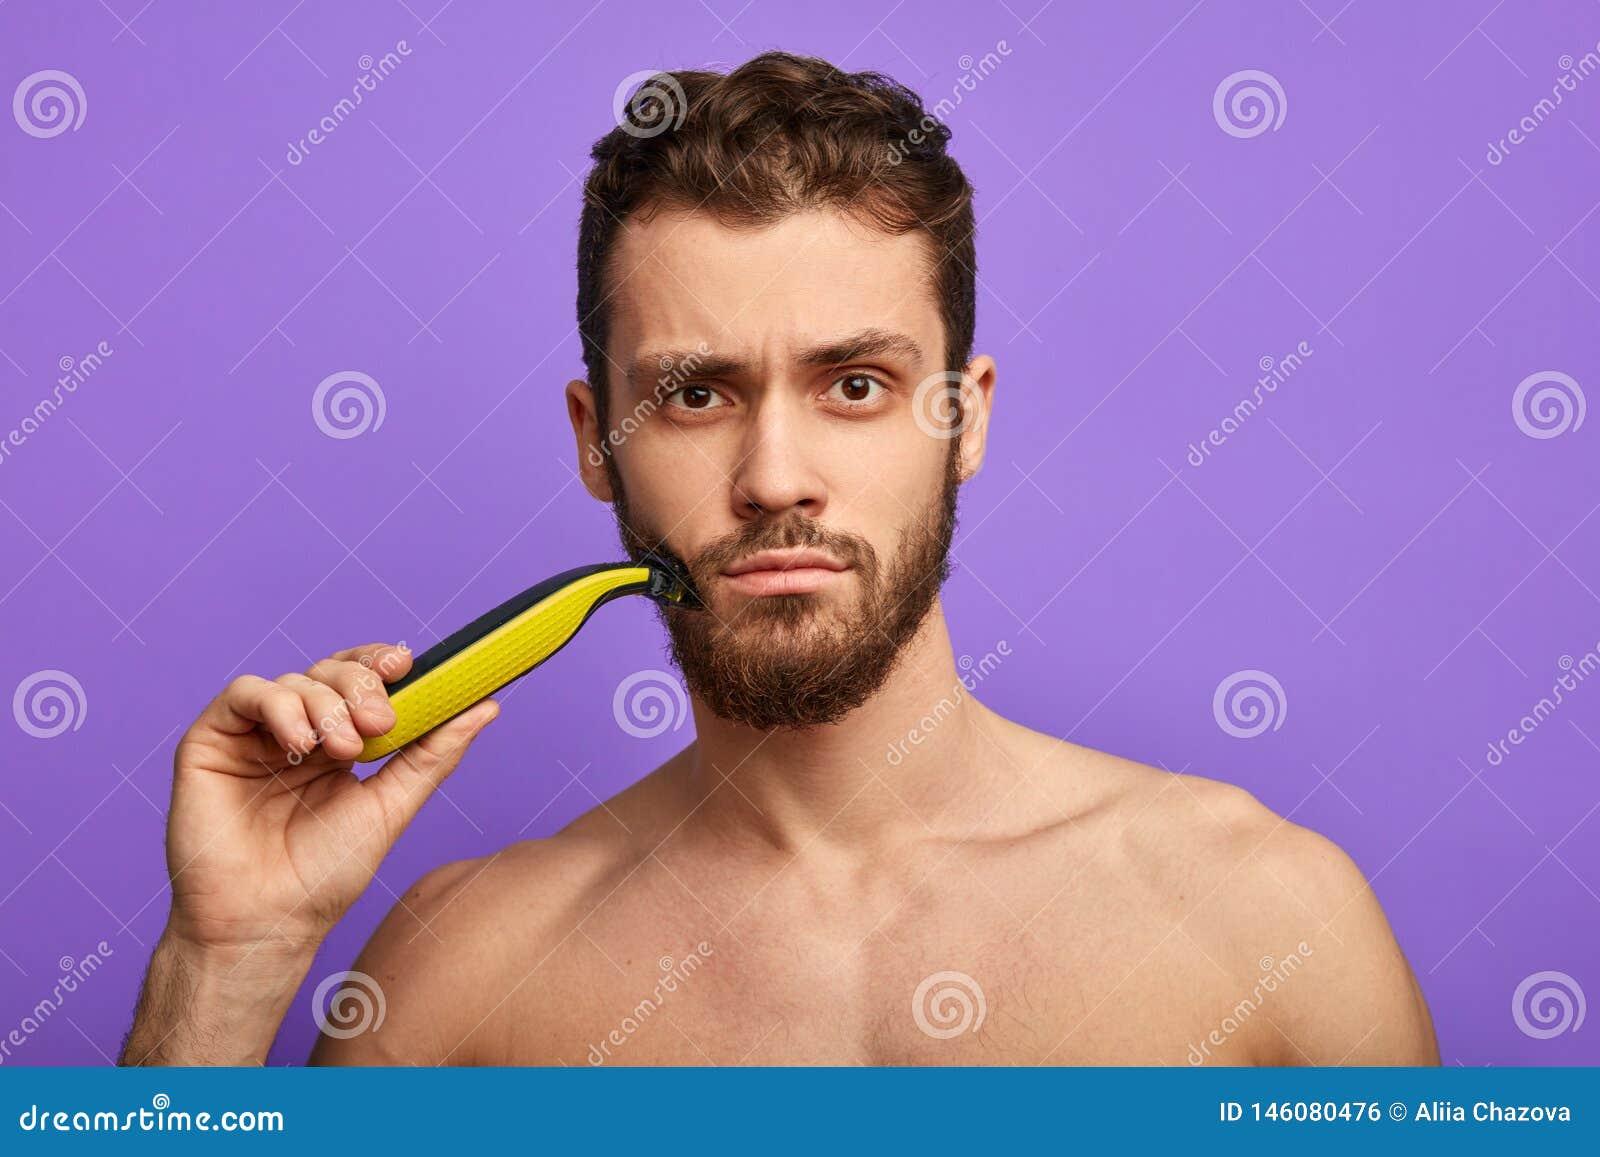 Effective shaving tool for men.